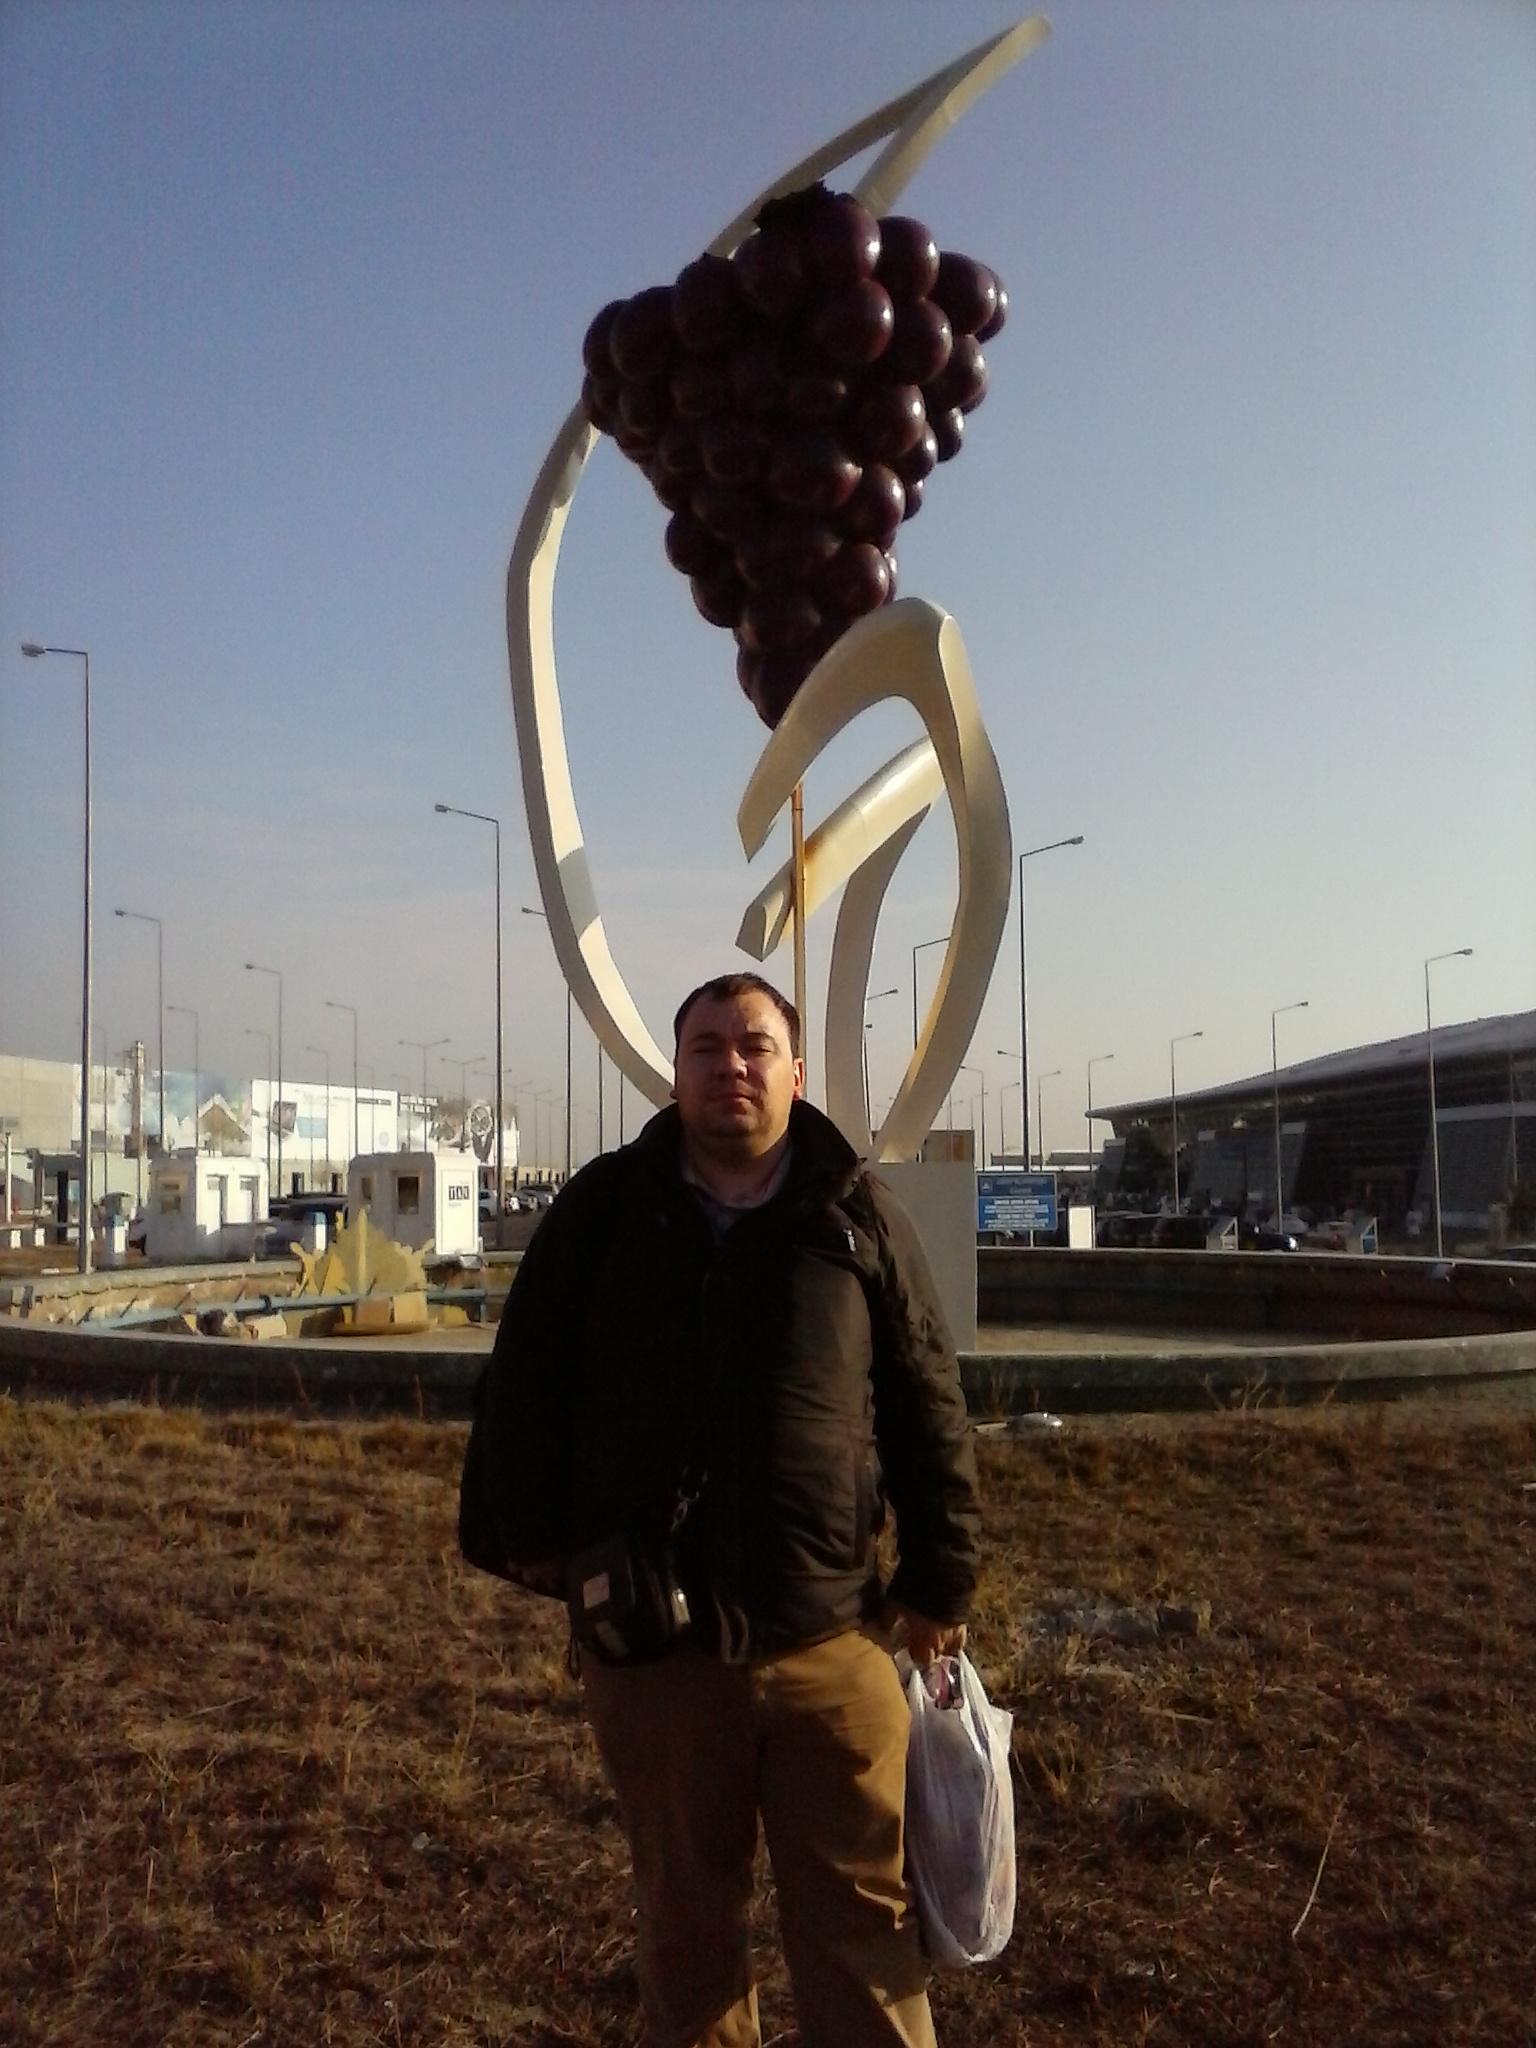 около аэропорта Тбилиси